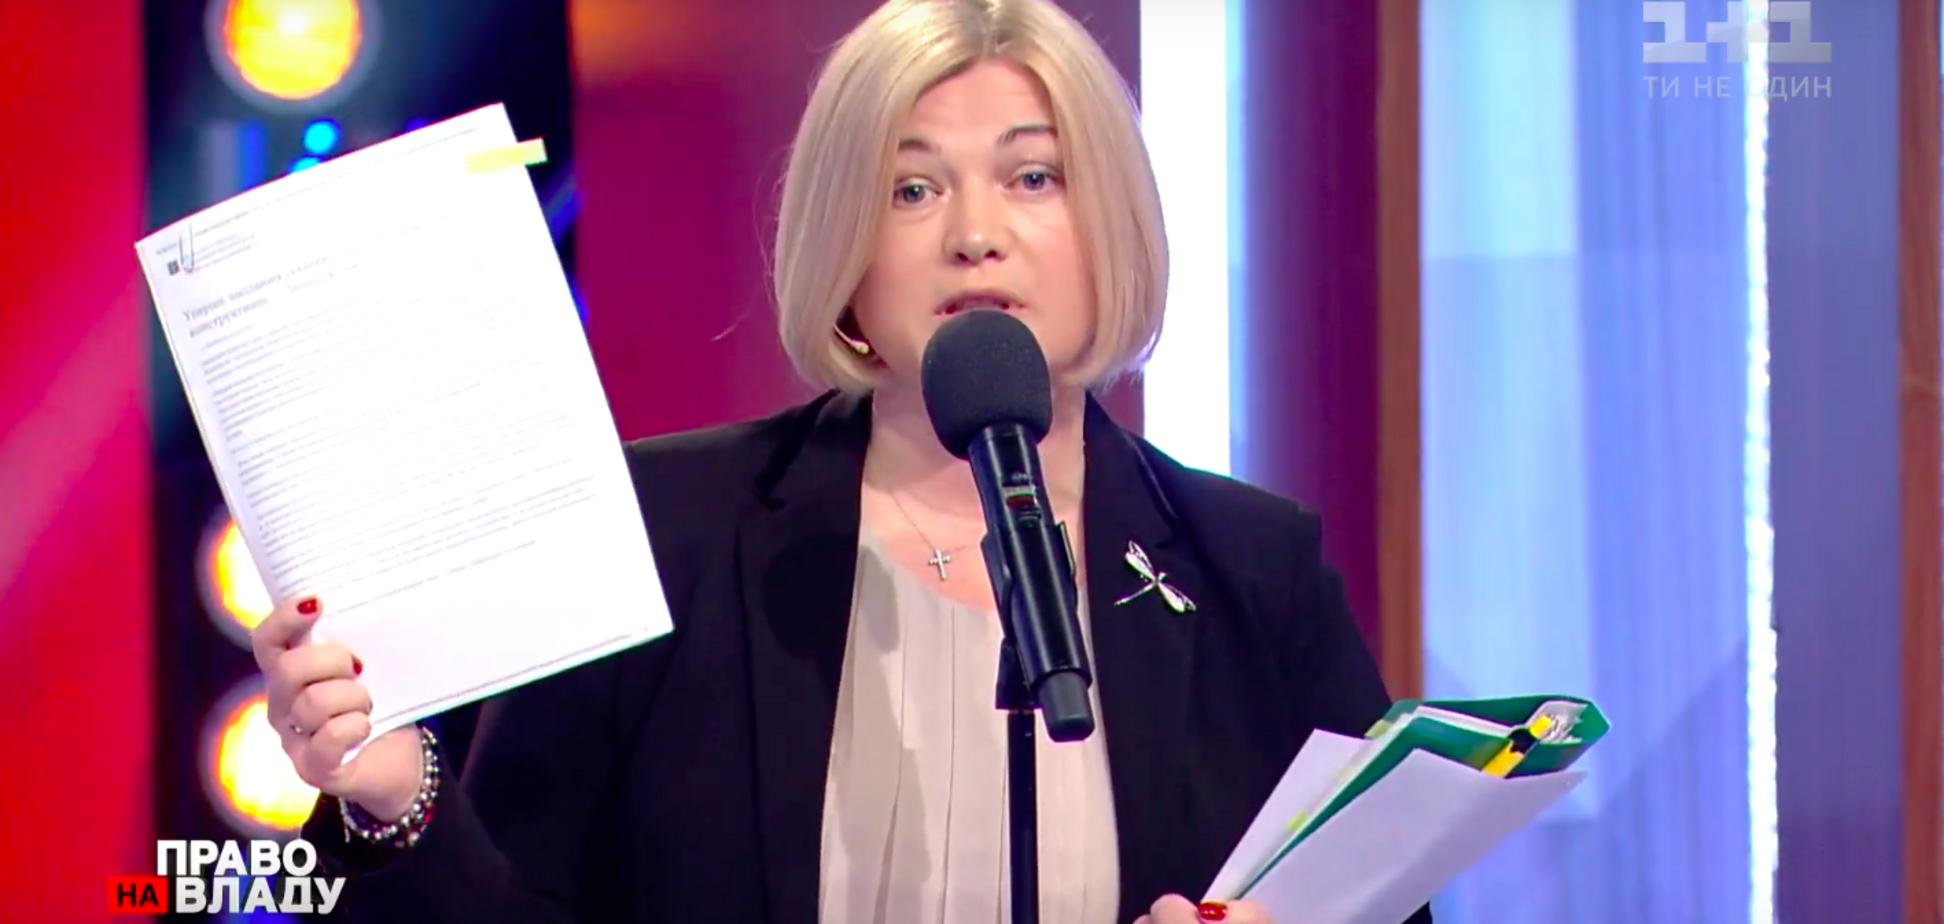 'Європейська солідарність' оголосила бойкот телеканалу '1+1' на підтримку Ірини Геращенко